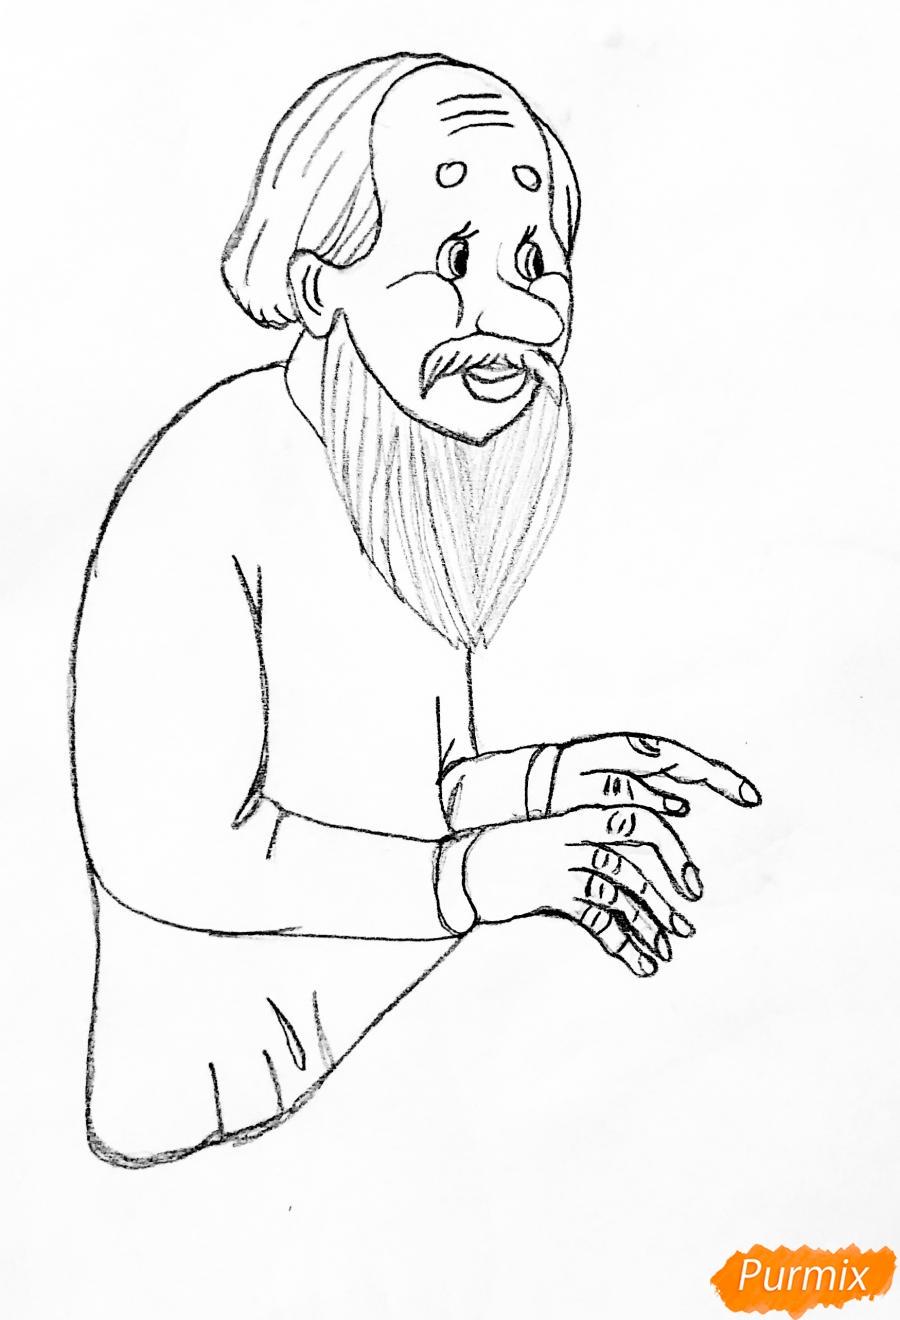 Рисуем деда бабку и колобка из сказки цветными карандашами - фото 2